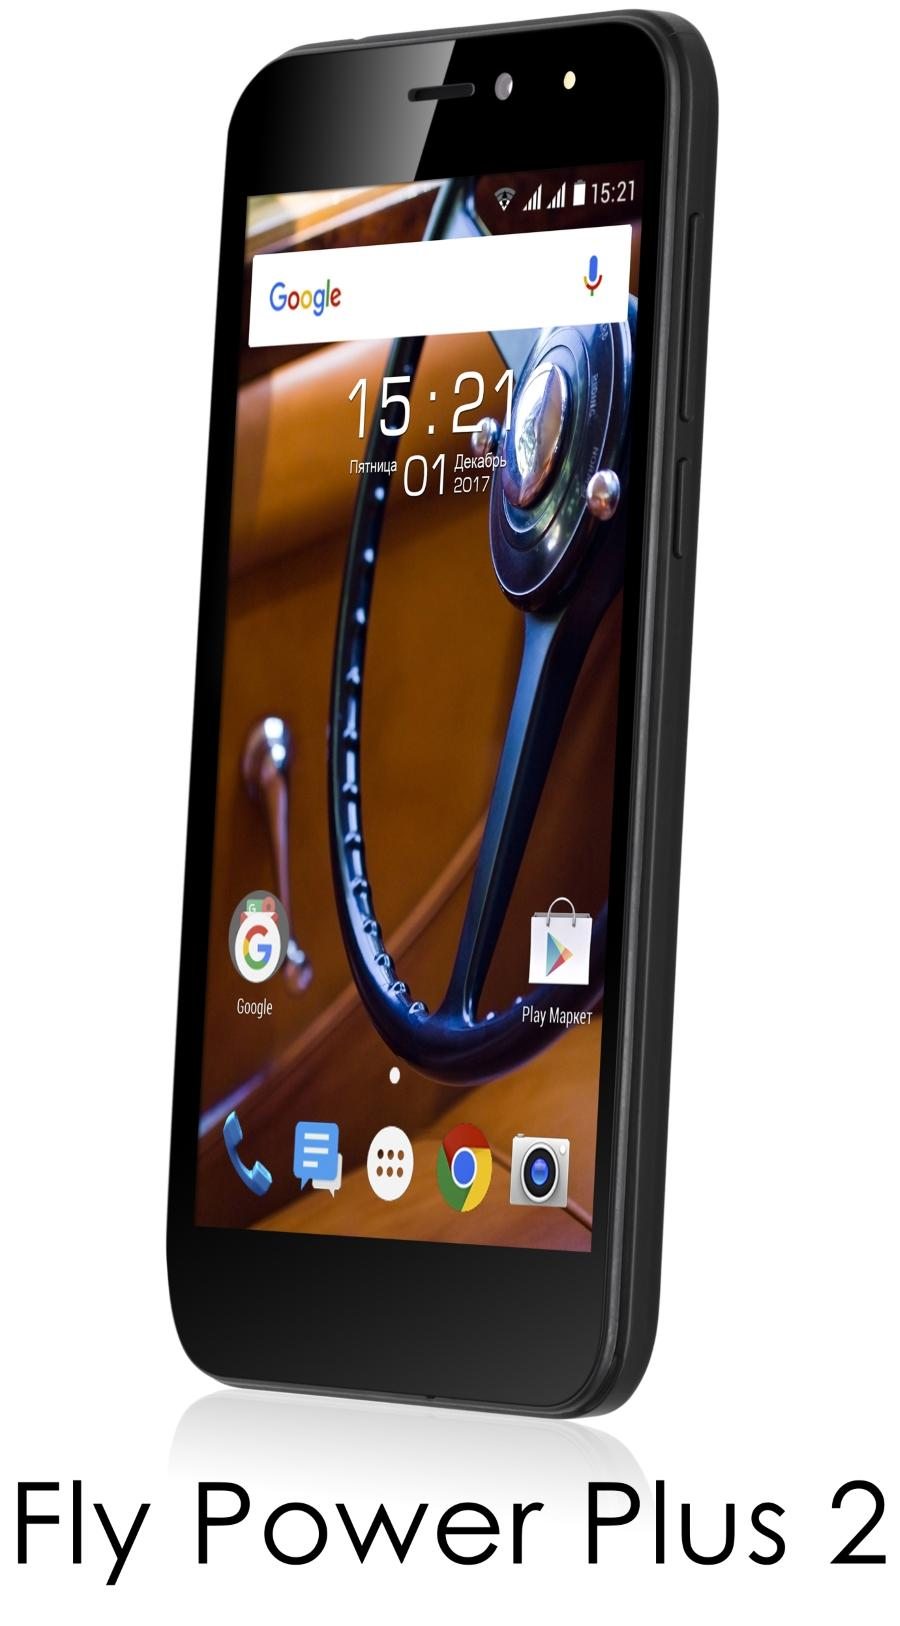 Смартфон Fly Power Plus 2 поступает в продажу в России за 6490 рублей